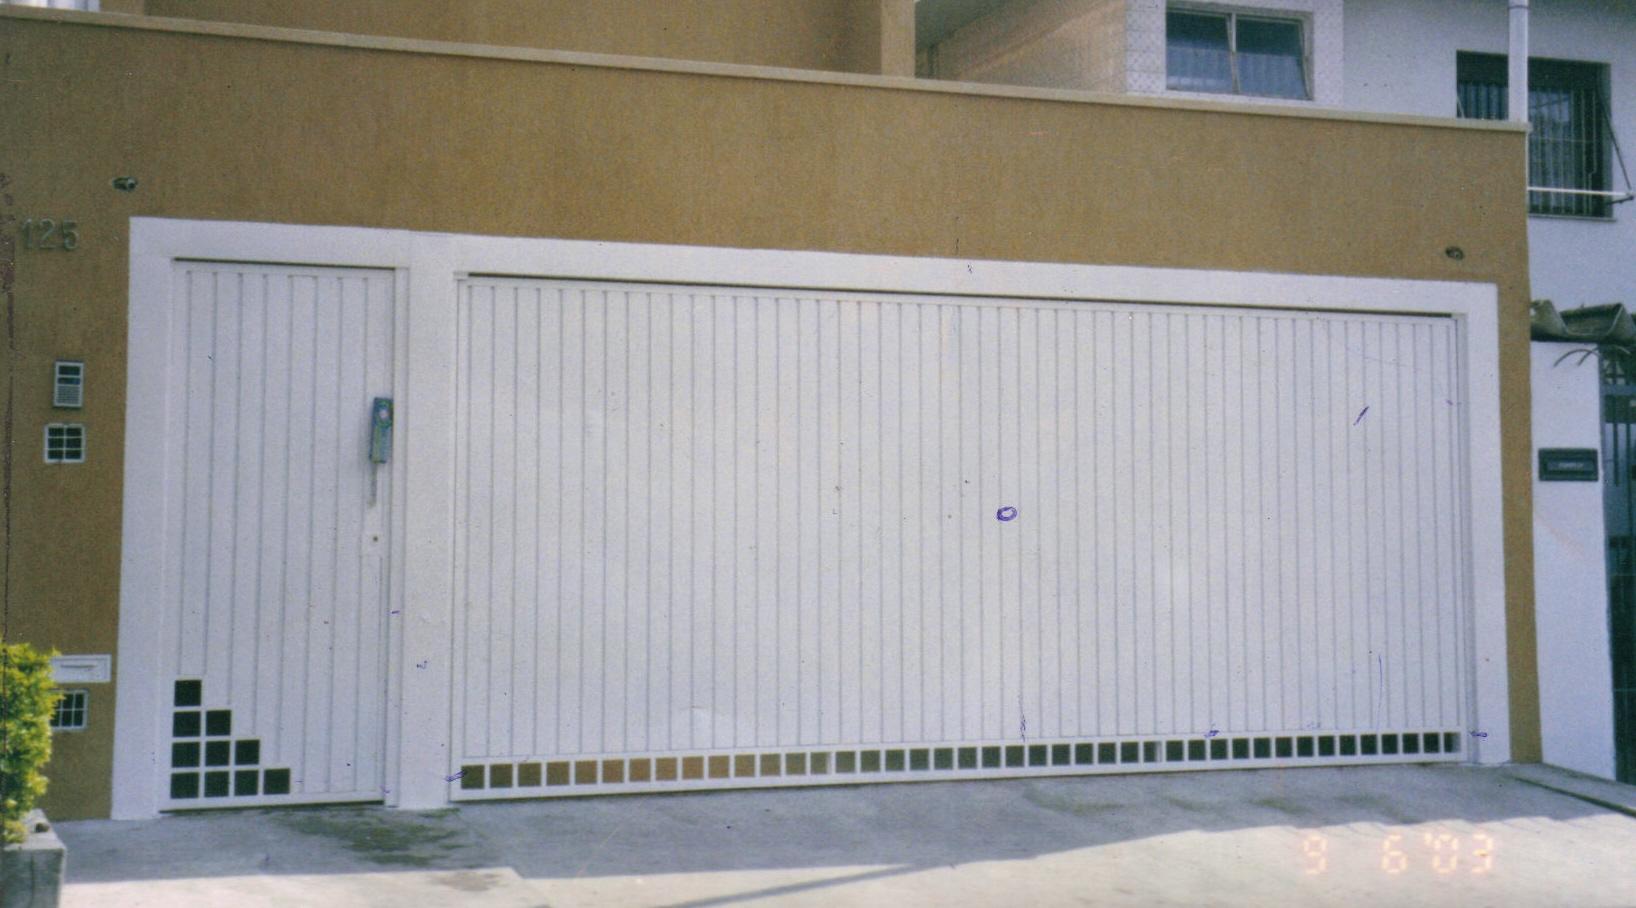 Super Modelos de portões para garagens residenciais | Decorando Casas HJ45